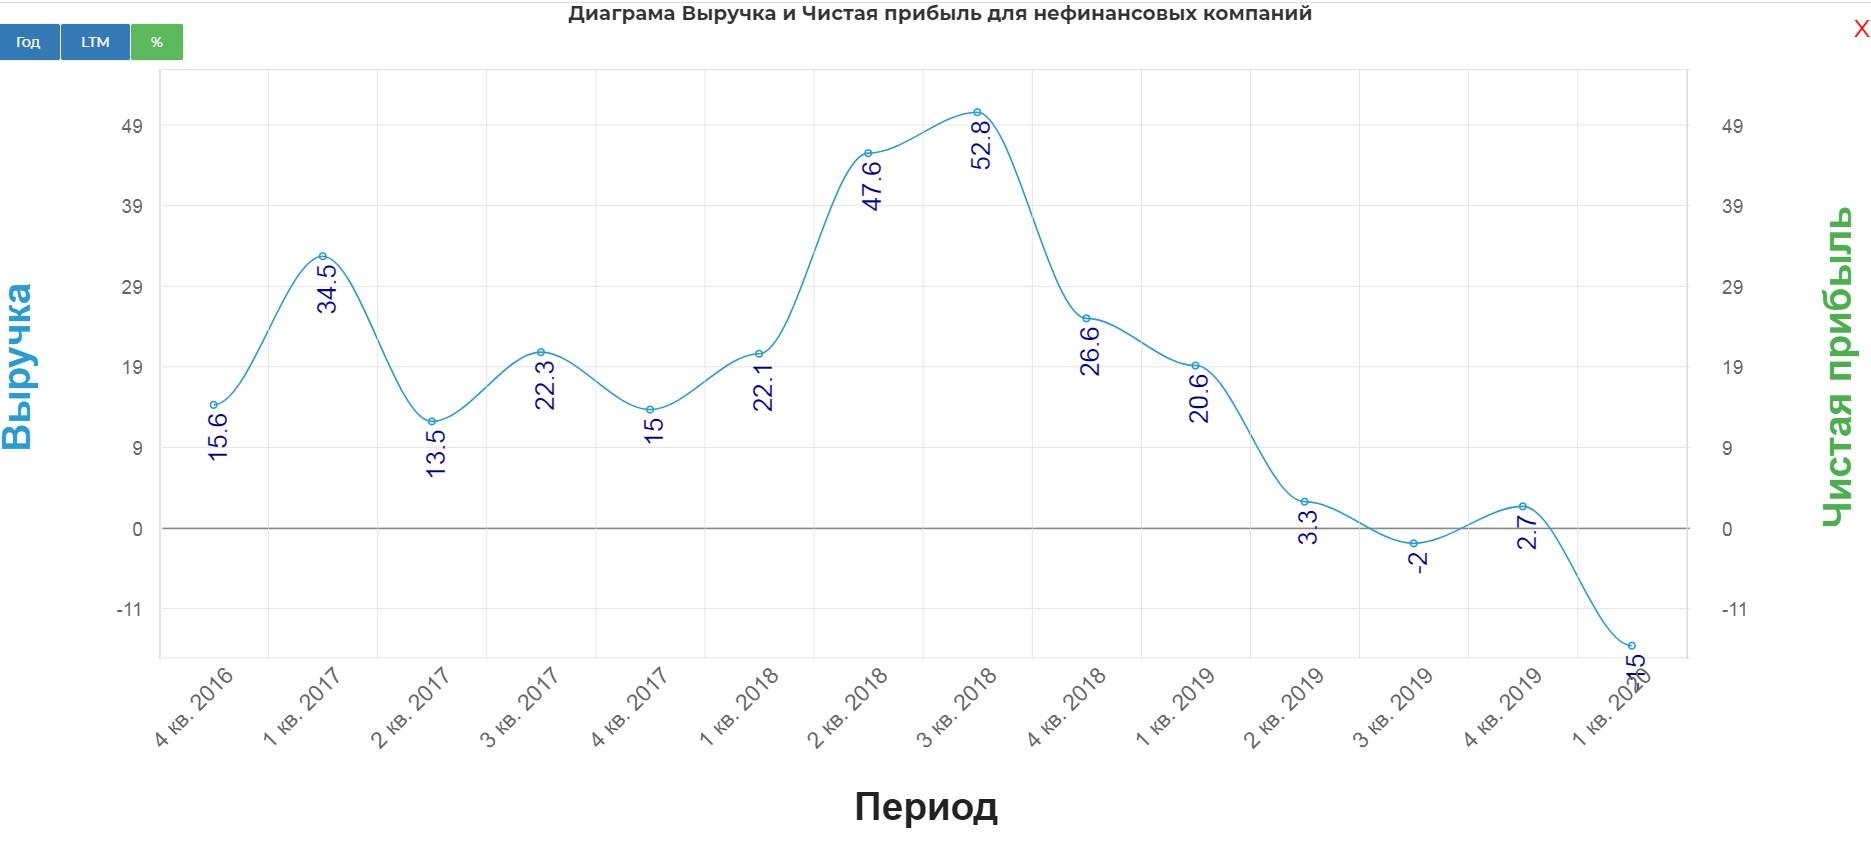 Роснефть. Обзор финансовых показателей по МСФО за 1-й квартал 2020 года. Прогноз дивидендов от пессимиста.